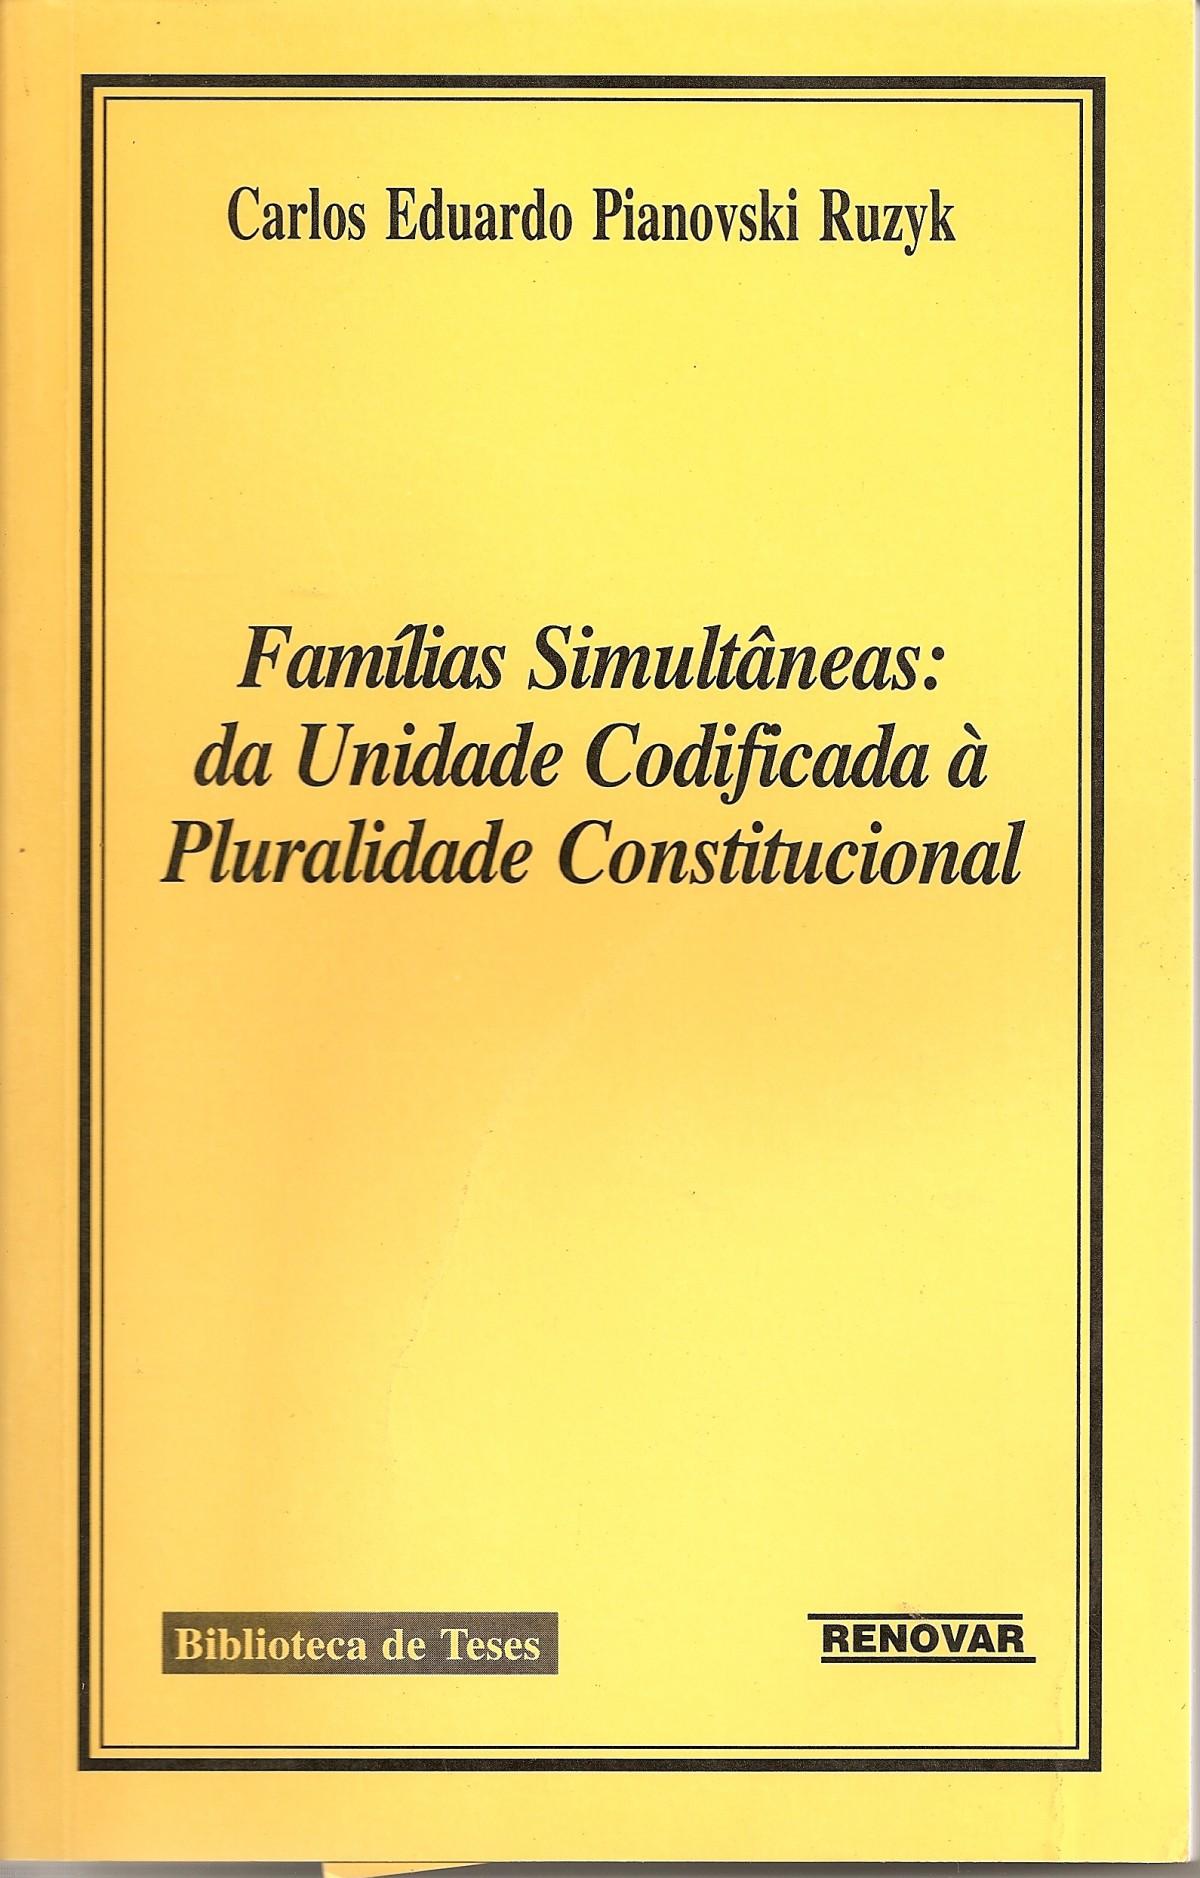 Foto 1 - Famílias Simultâneas - Da Unidade Codificada À Pluralidade Constitucional